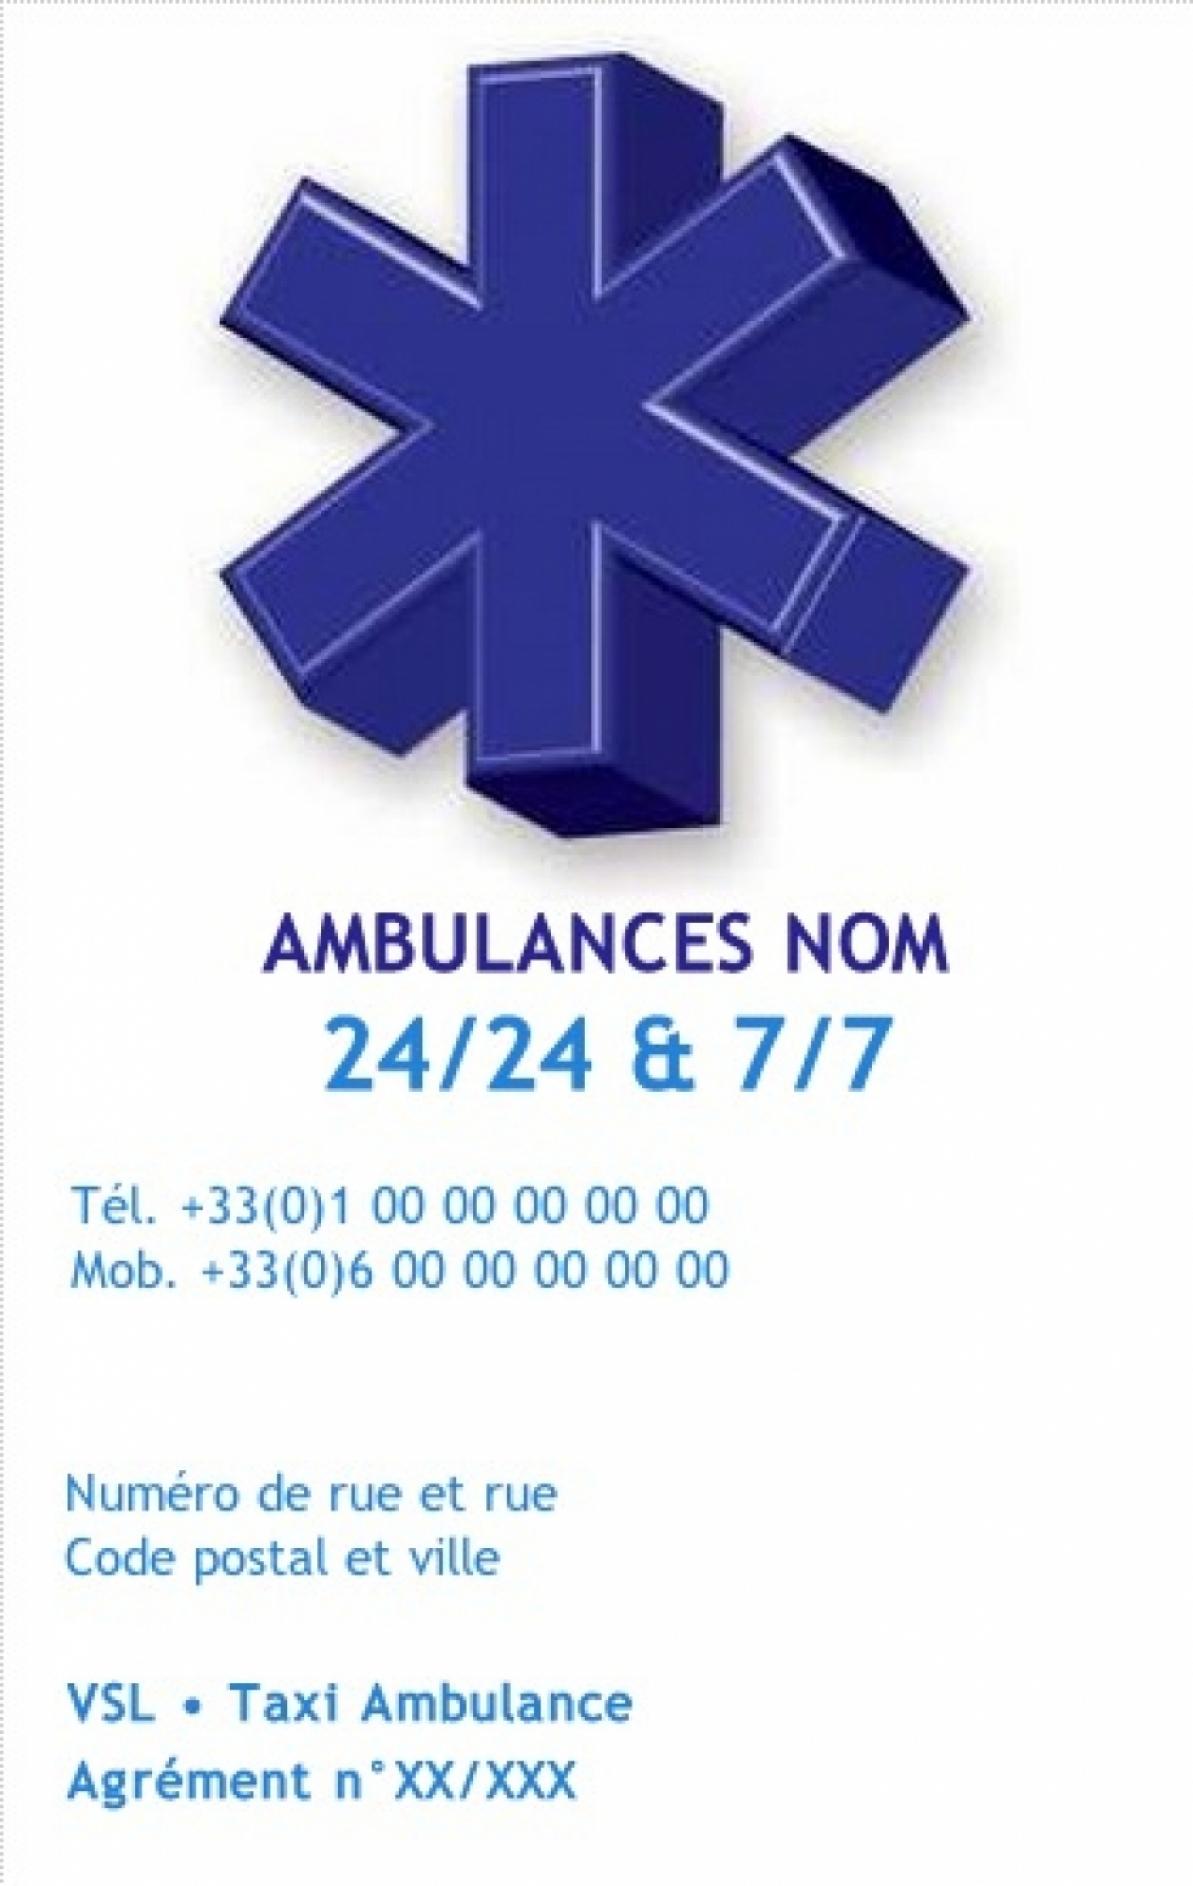 Ambulance Carte De Visite Ambulancier VSL Taxi Exemple Pas Chere Avec Modele En Ligne Gratuit A Imprimer Chez Soi